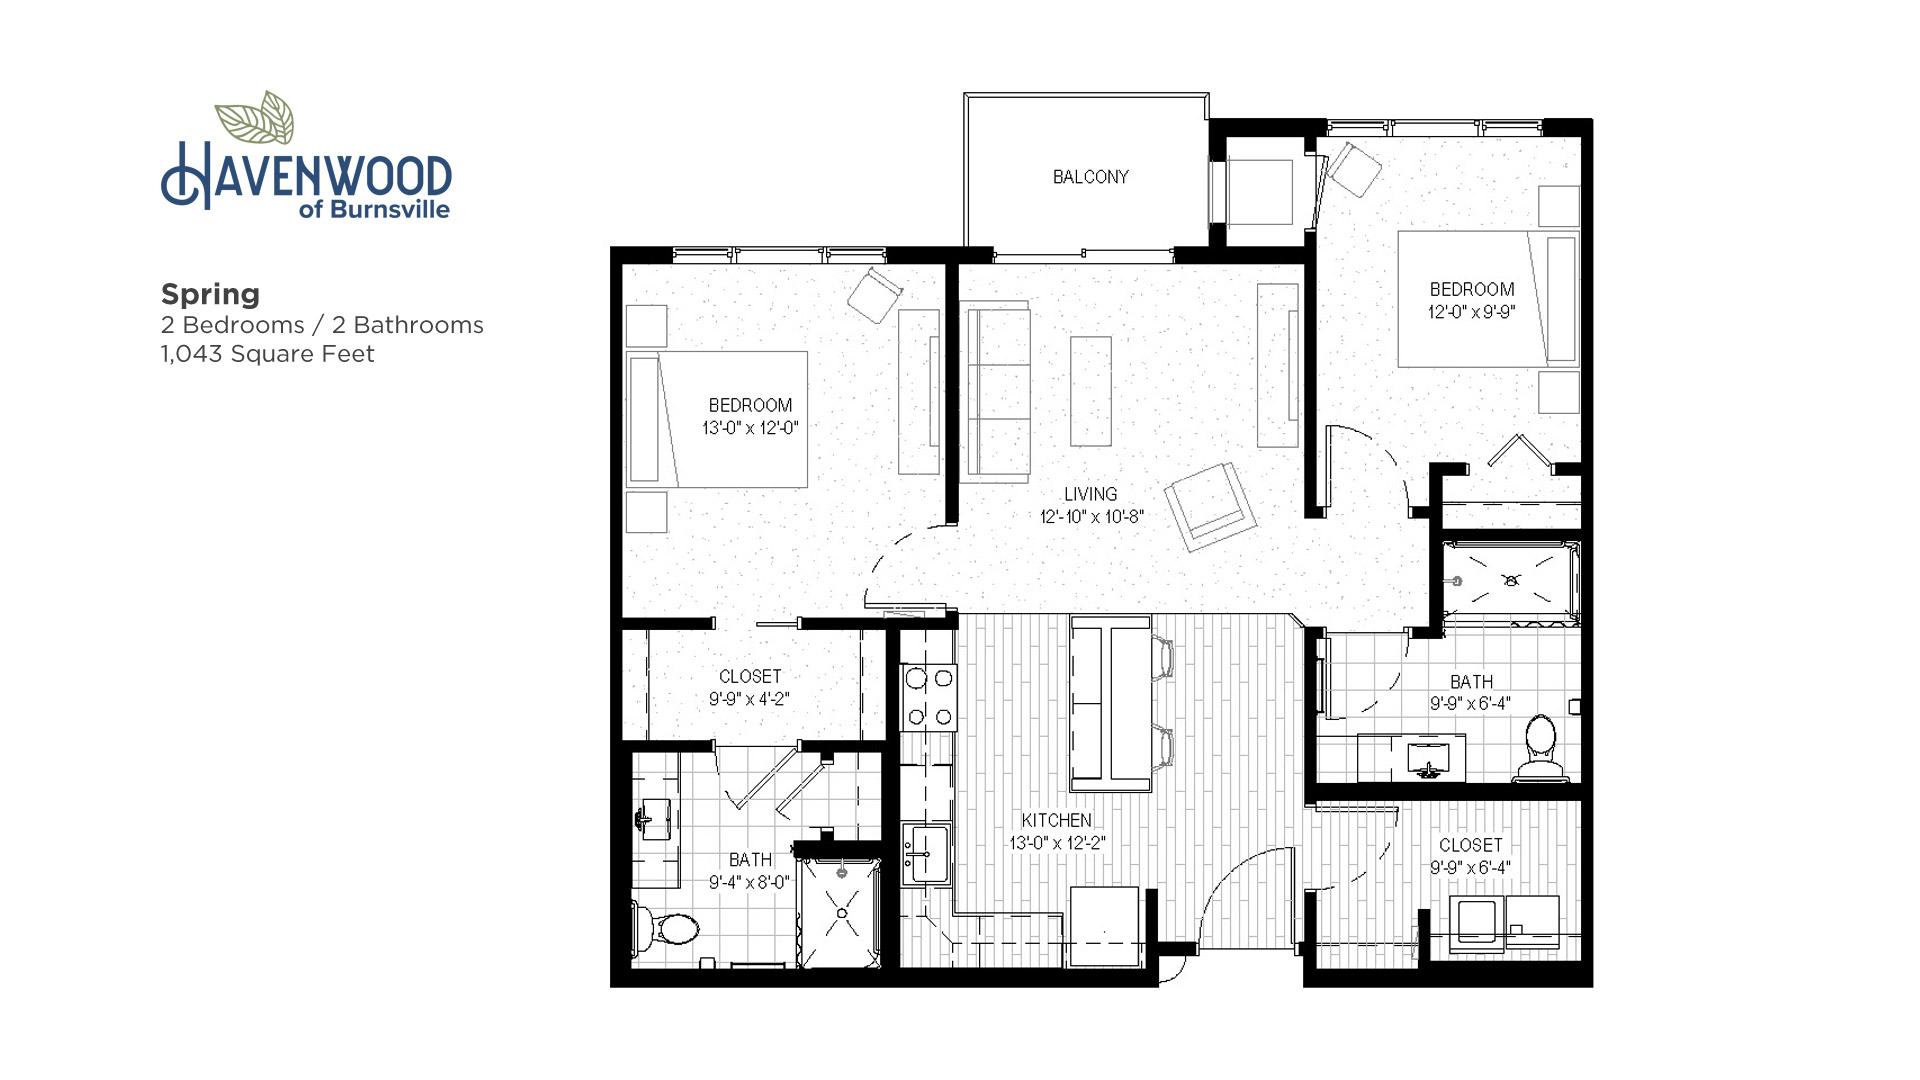 Havenwood of Burnsville Spring Floor Plan